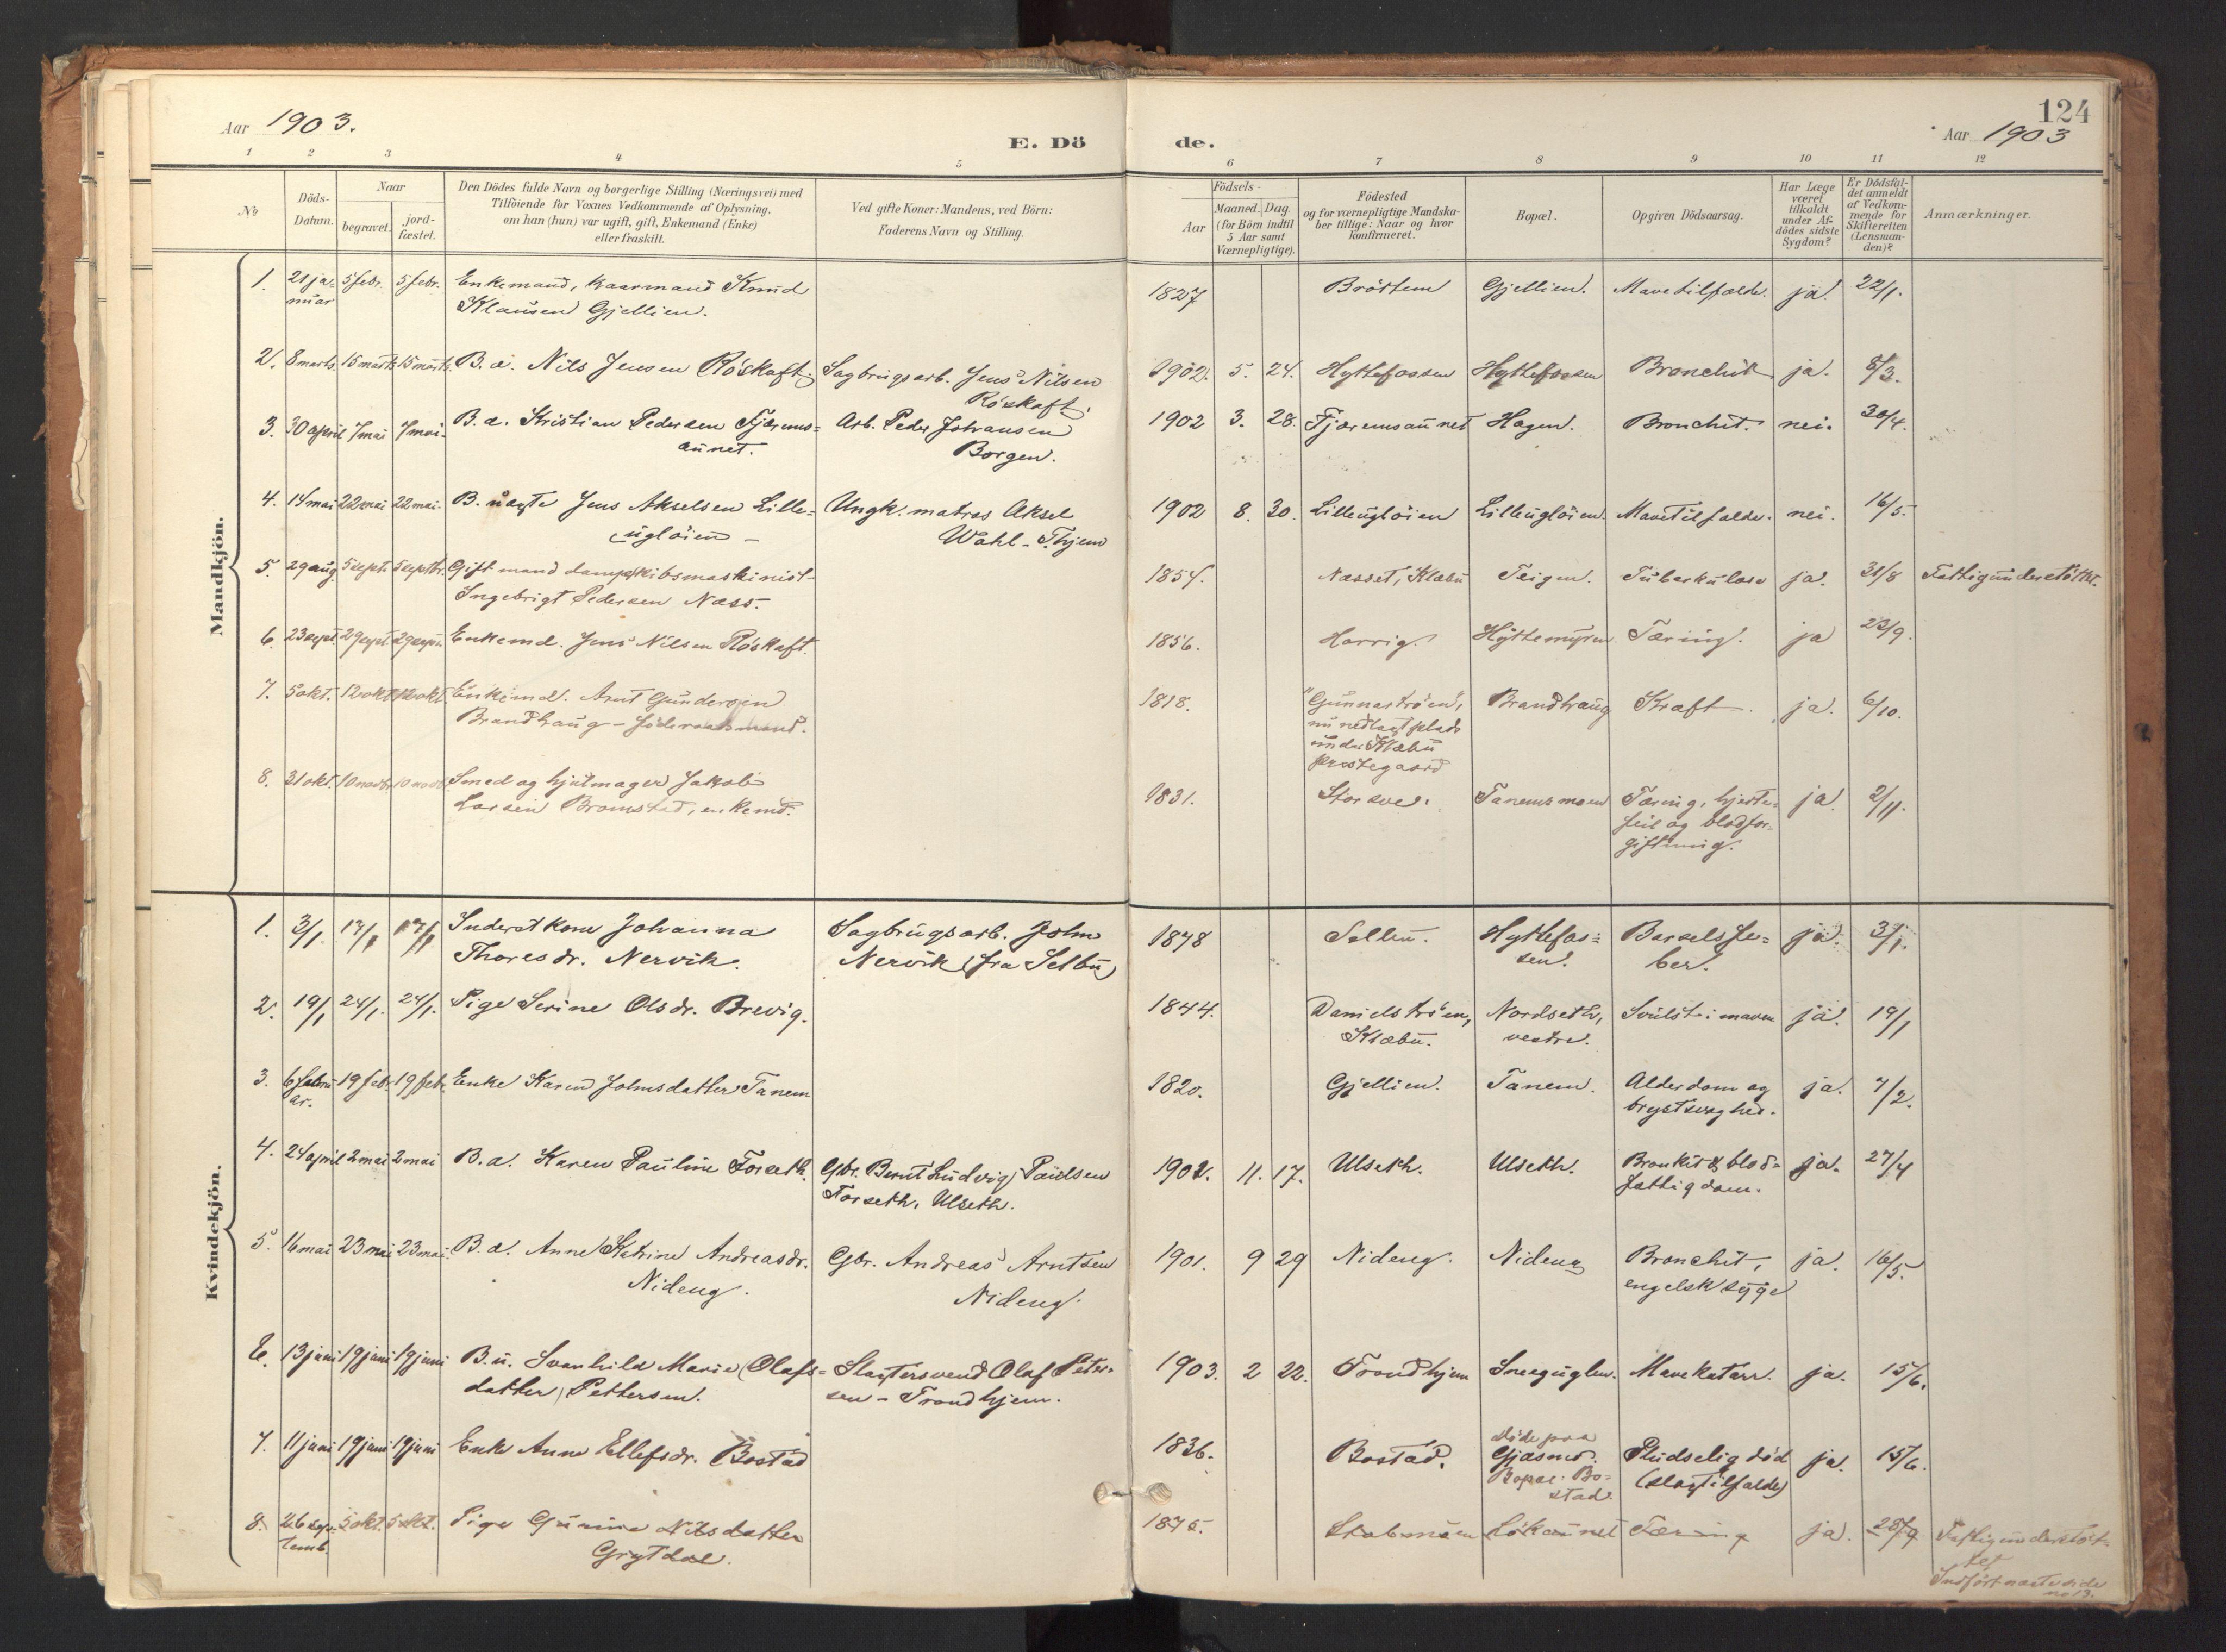 SAT, Ministerialprotokoller, klokkerbøker og fødselsregistre - Sør-Trøndelag, 618/L0448: Ministerialbok nr. 618A11, 1898-1916, s. 124